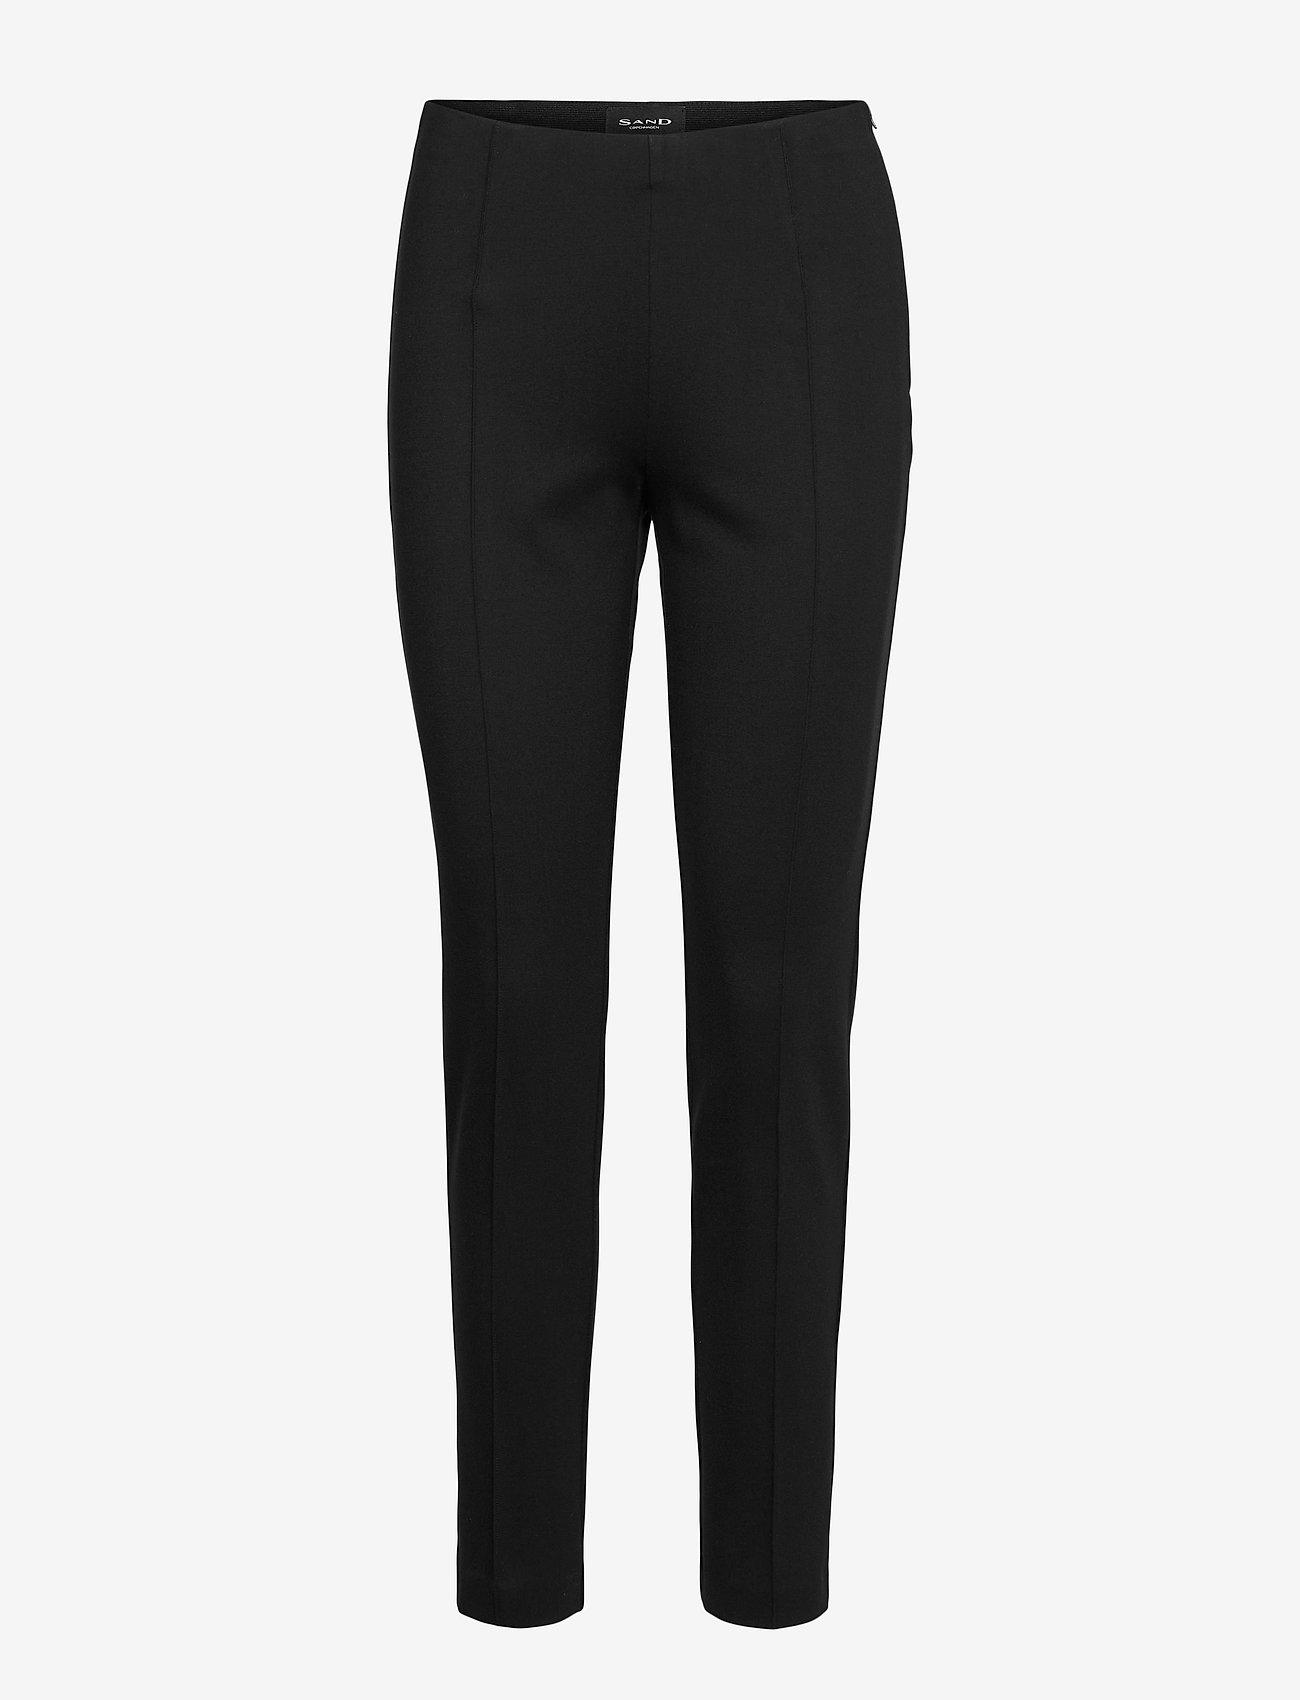 SAND - 2548 - Malhia - pantalons slim fit - black - 0